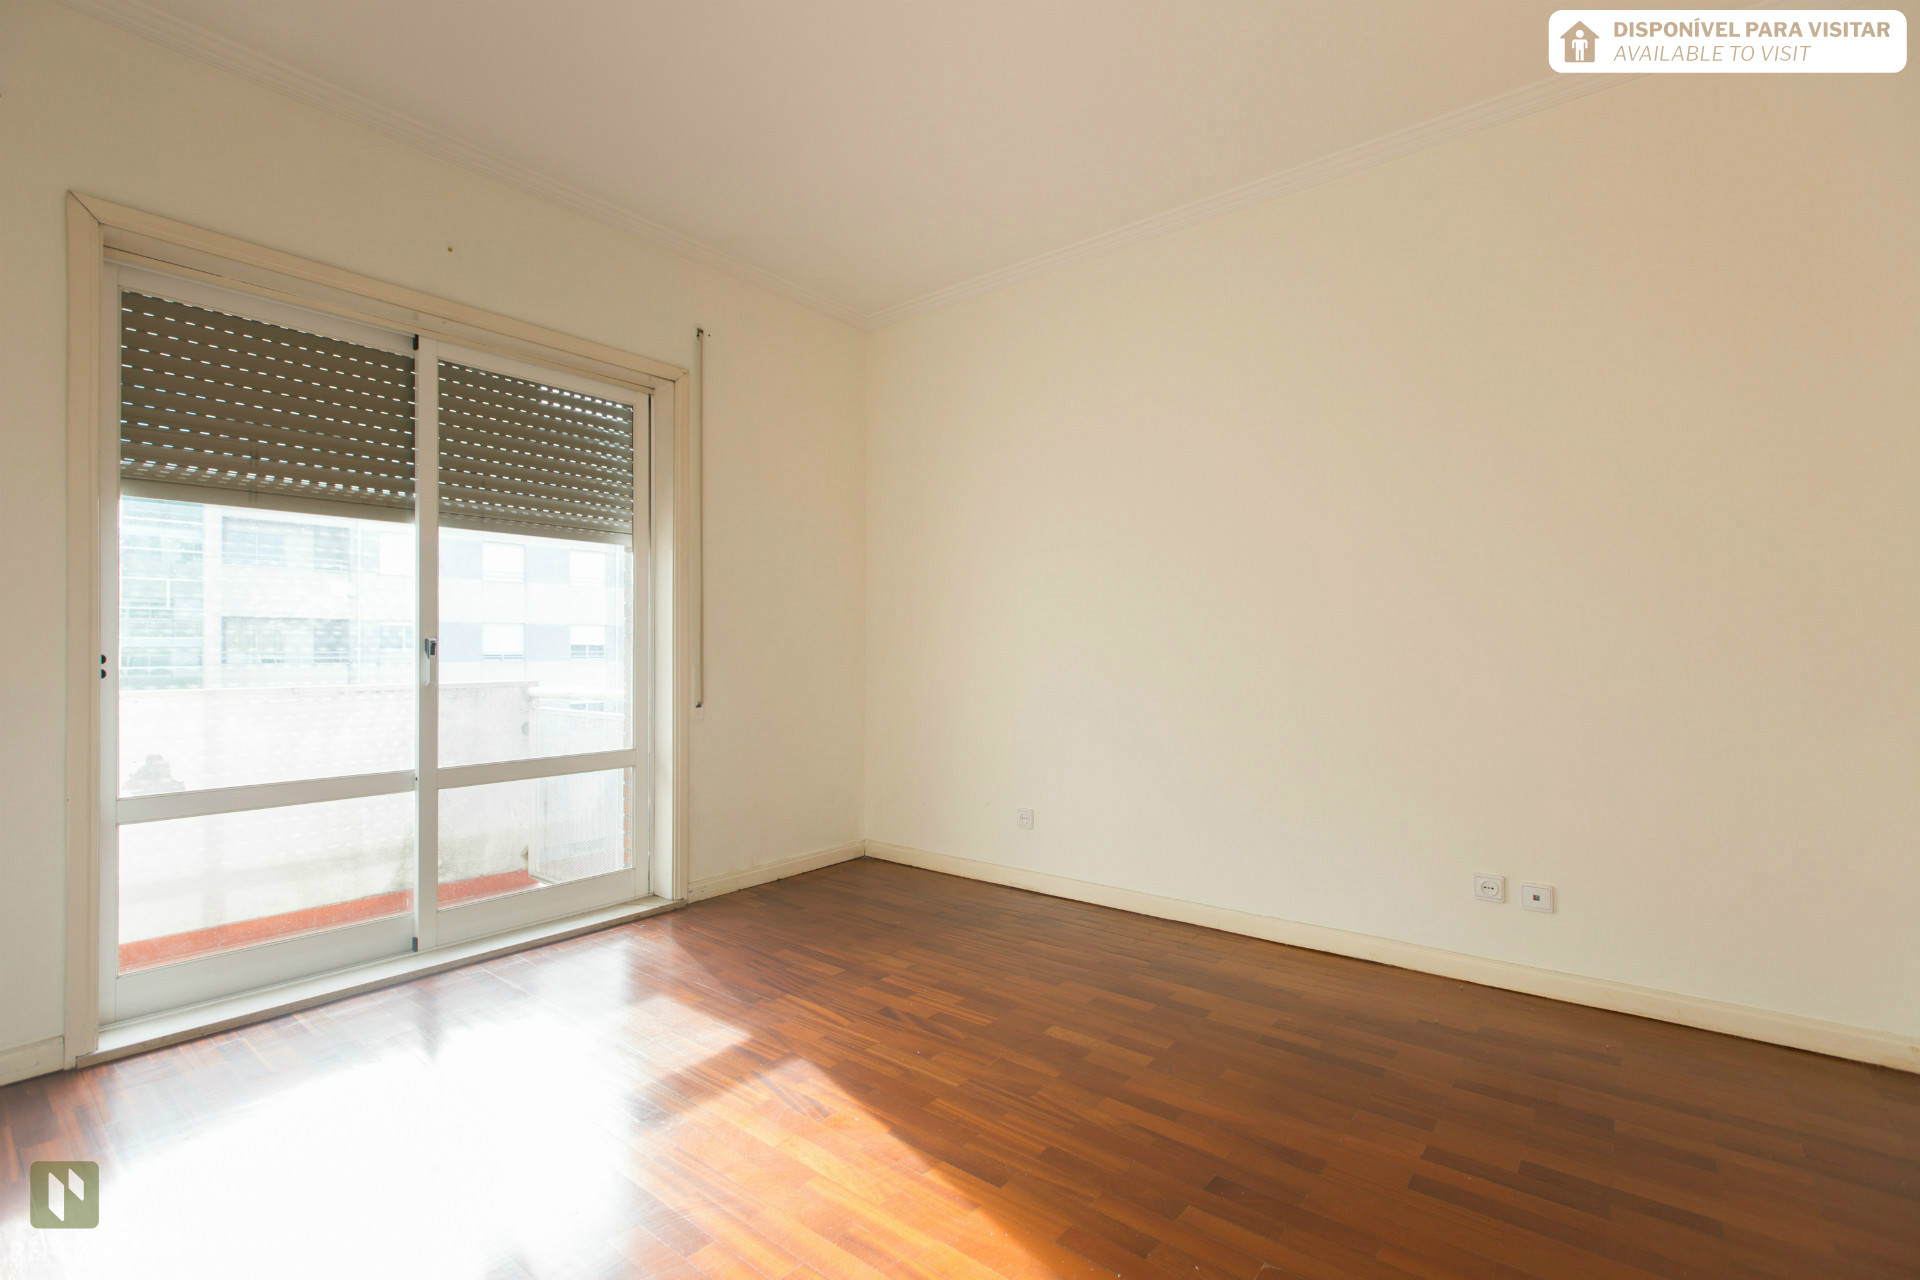 Apartamento T3 c/ Garagem - Alto da Maia